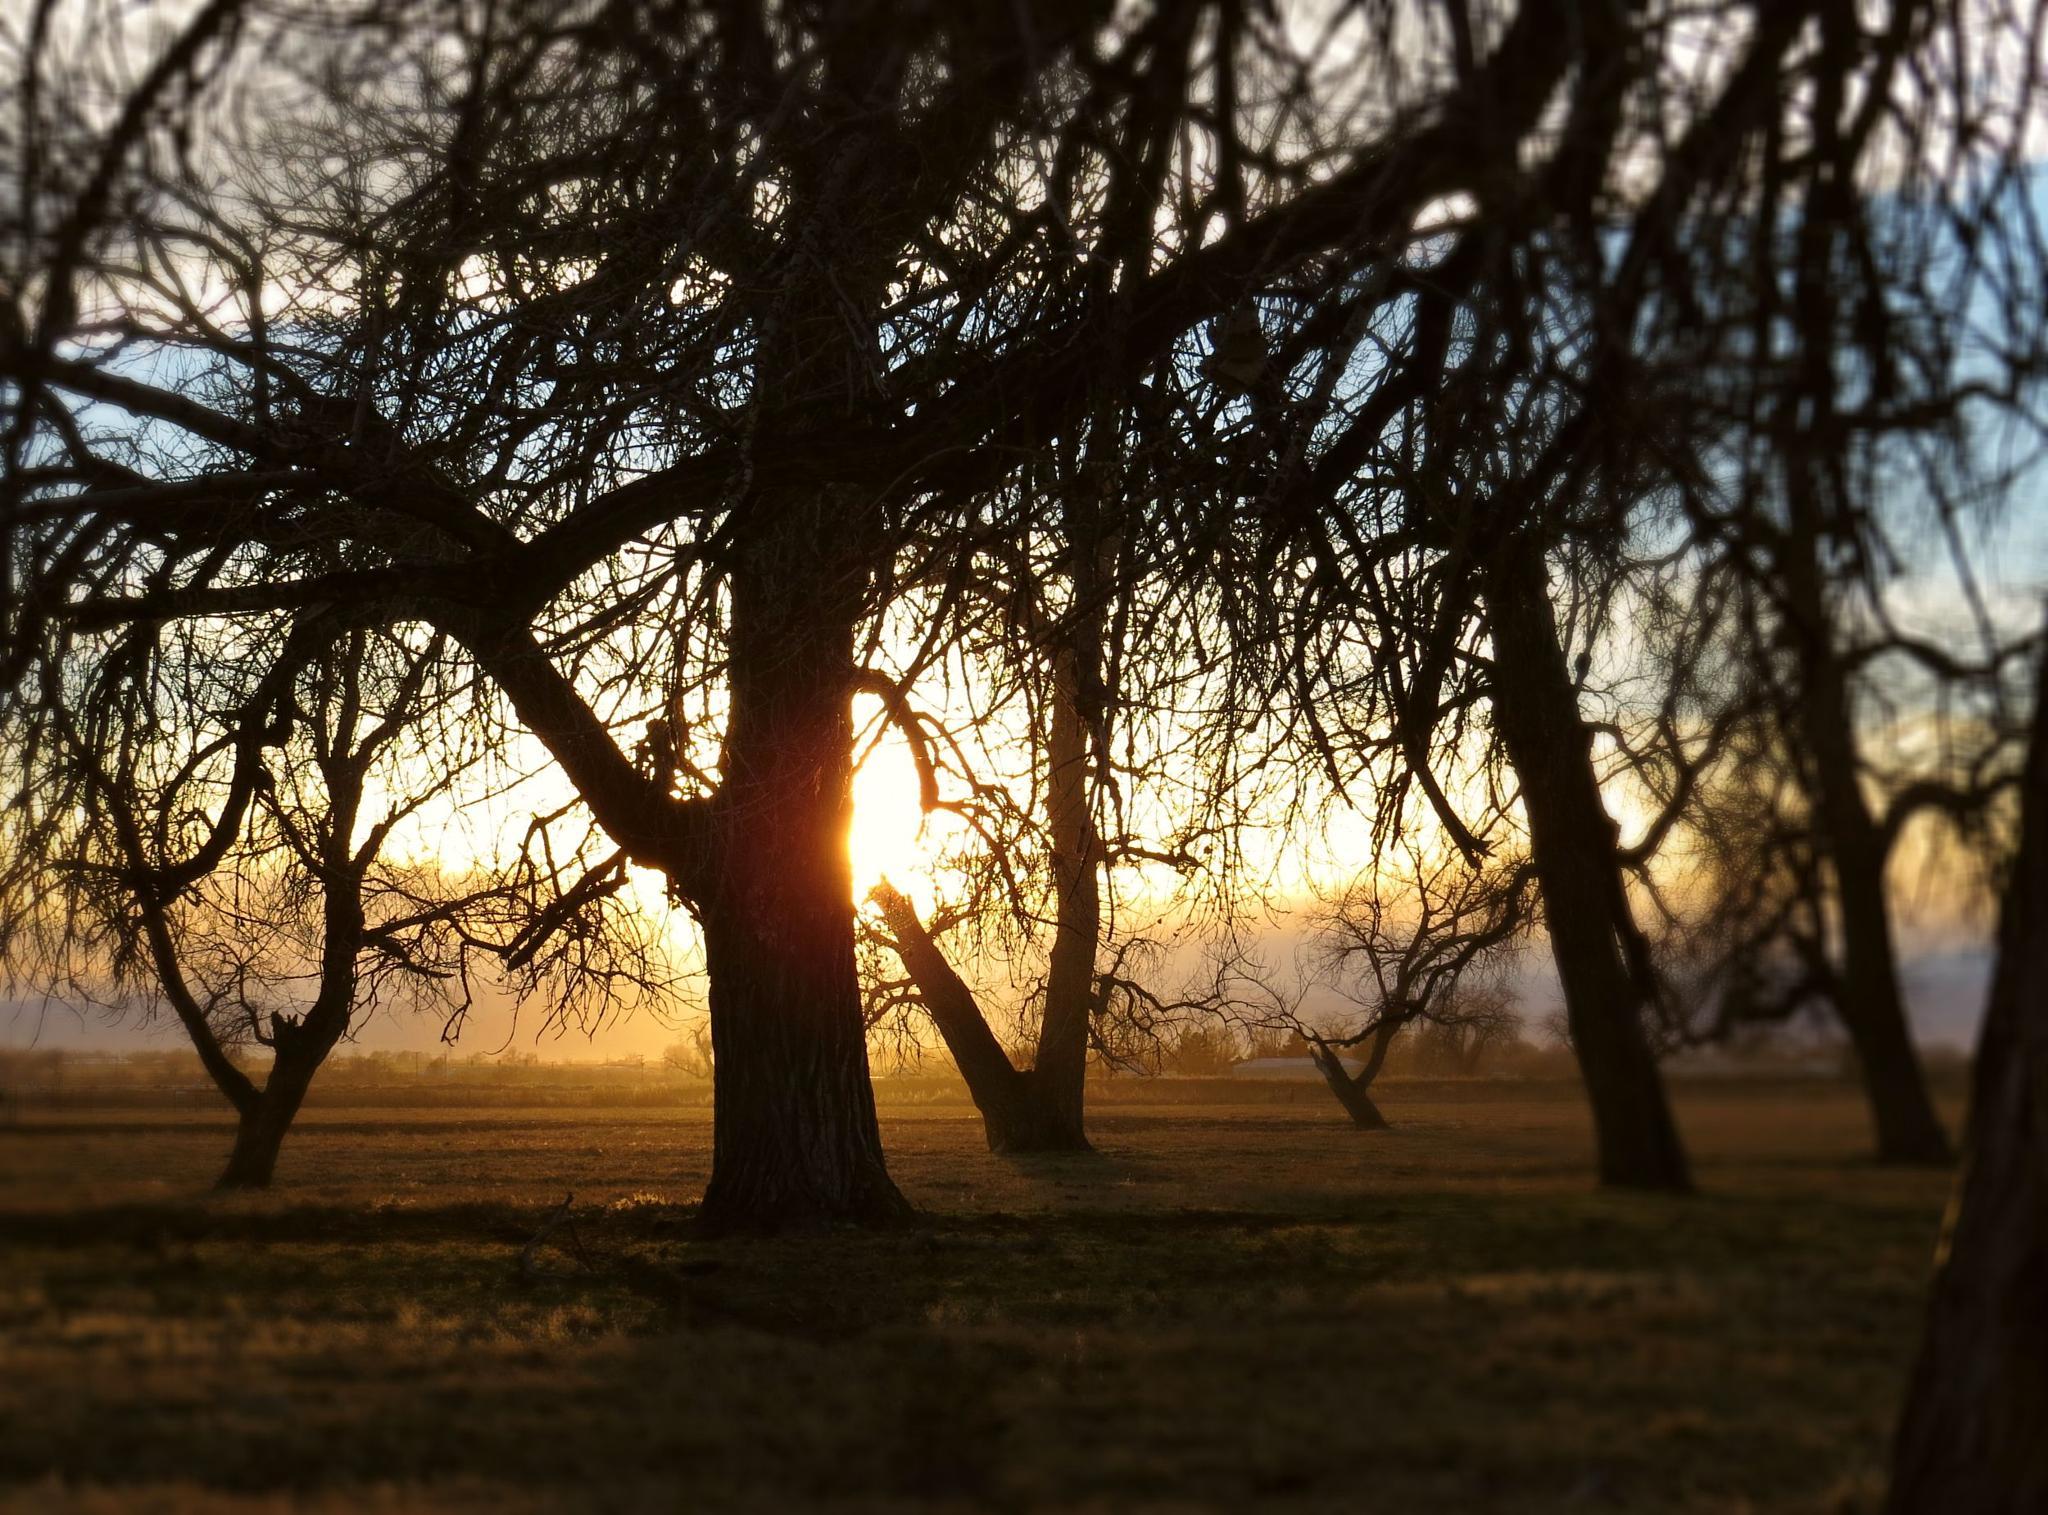 Woodland Sunset by lori.adkins.58